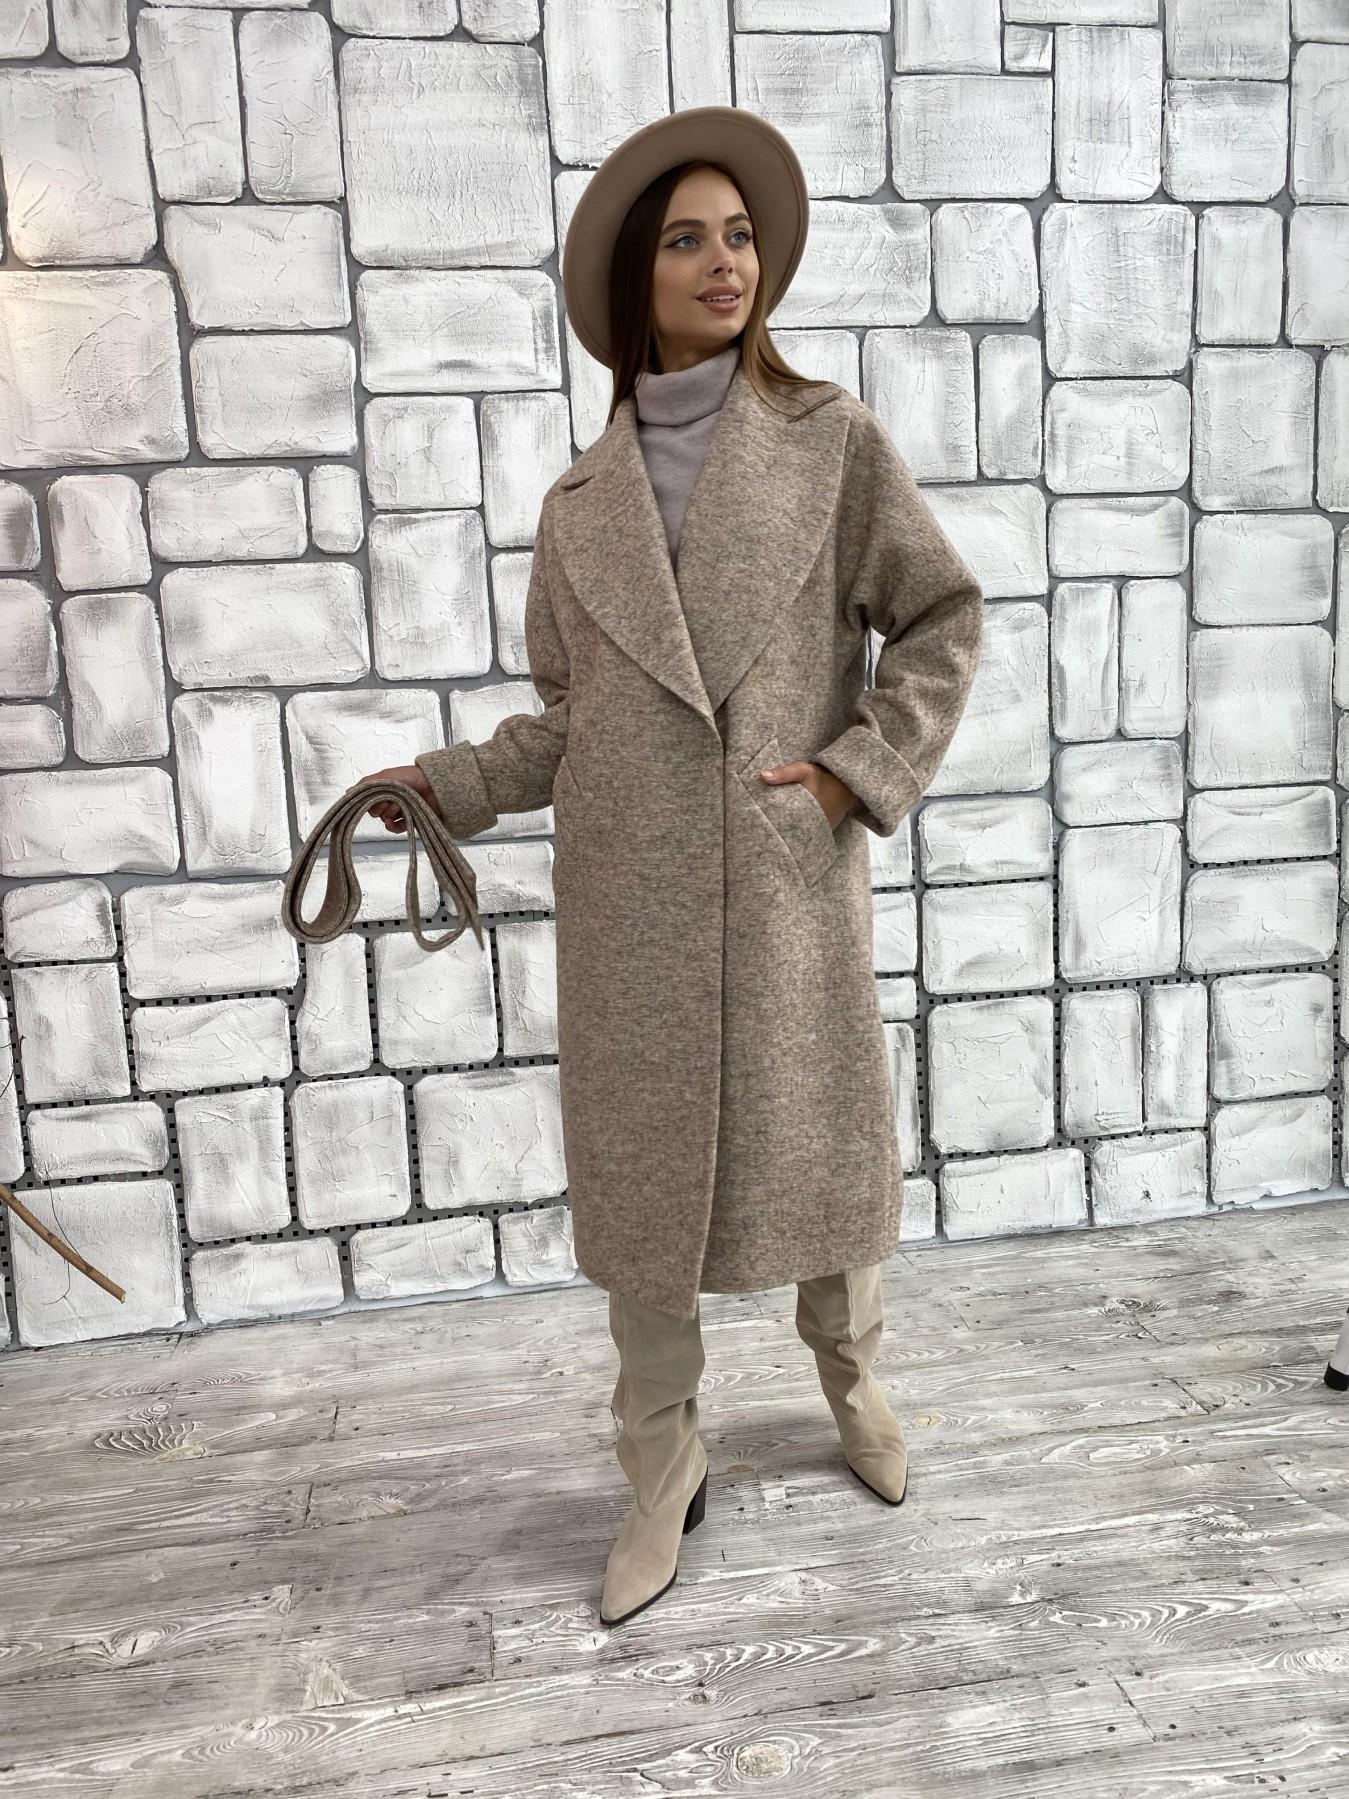 Влада шерсть варенка ткань пальто 11639 АРТ. 48352 Цвет: Бежевый 13 - фото 5, интернет магазин tm-modus.ru